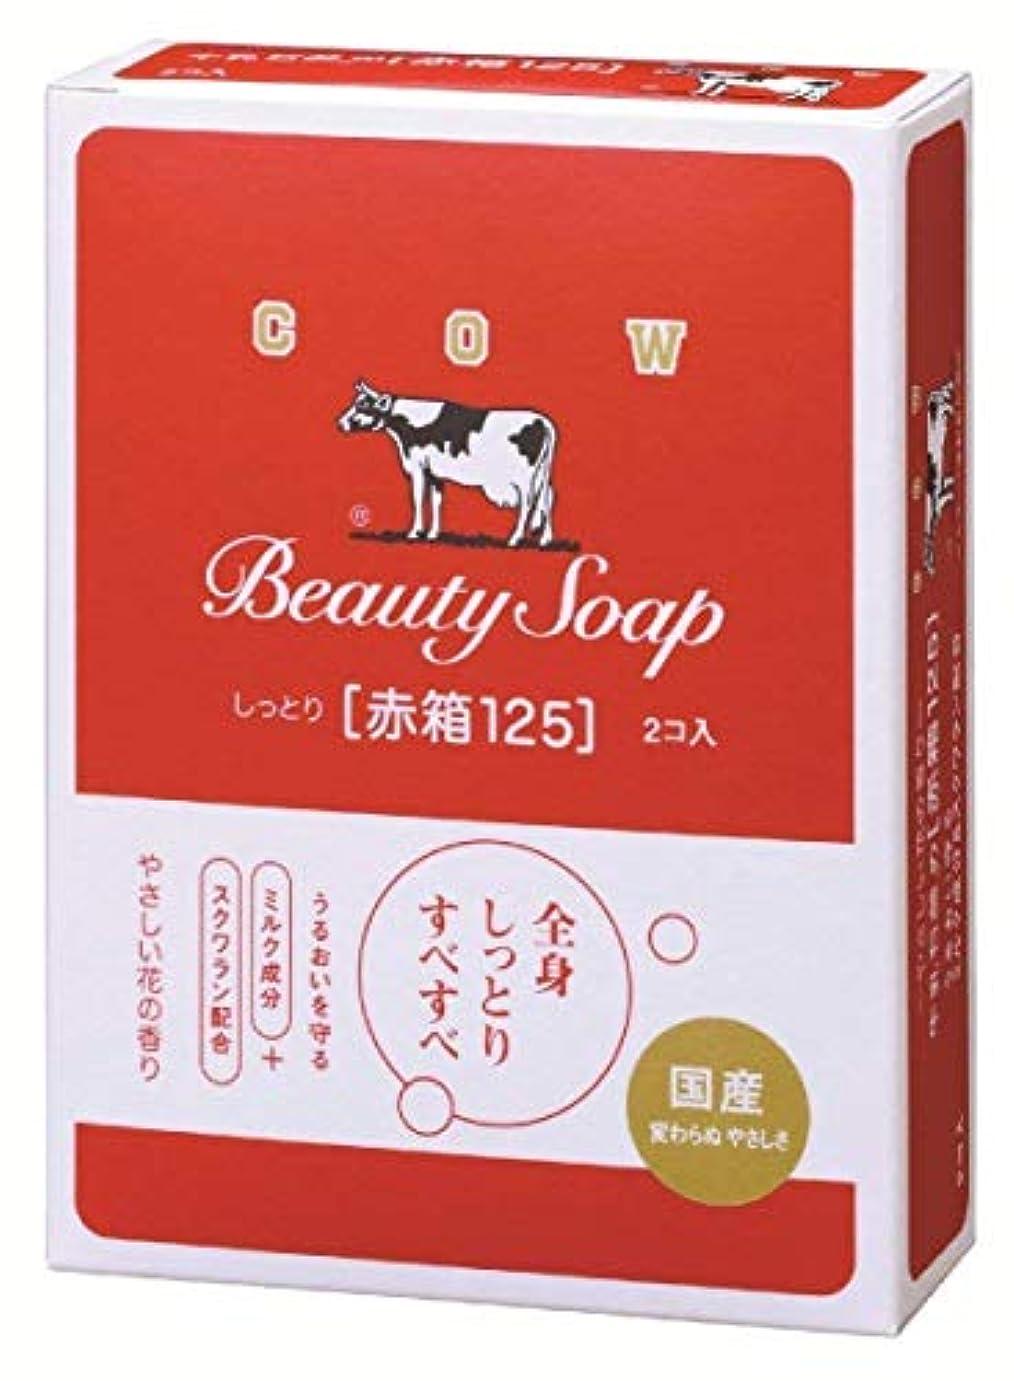 あまりにもコンサートハイキング牛乳石鹸共進社 カウブランド 赤箱 125g×2コ入り×6個